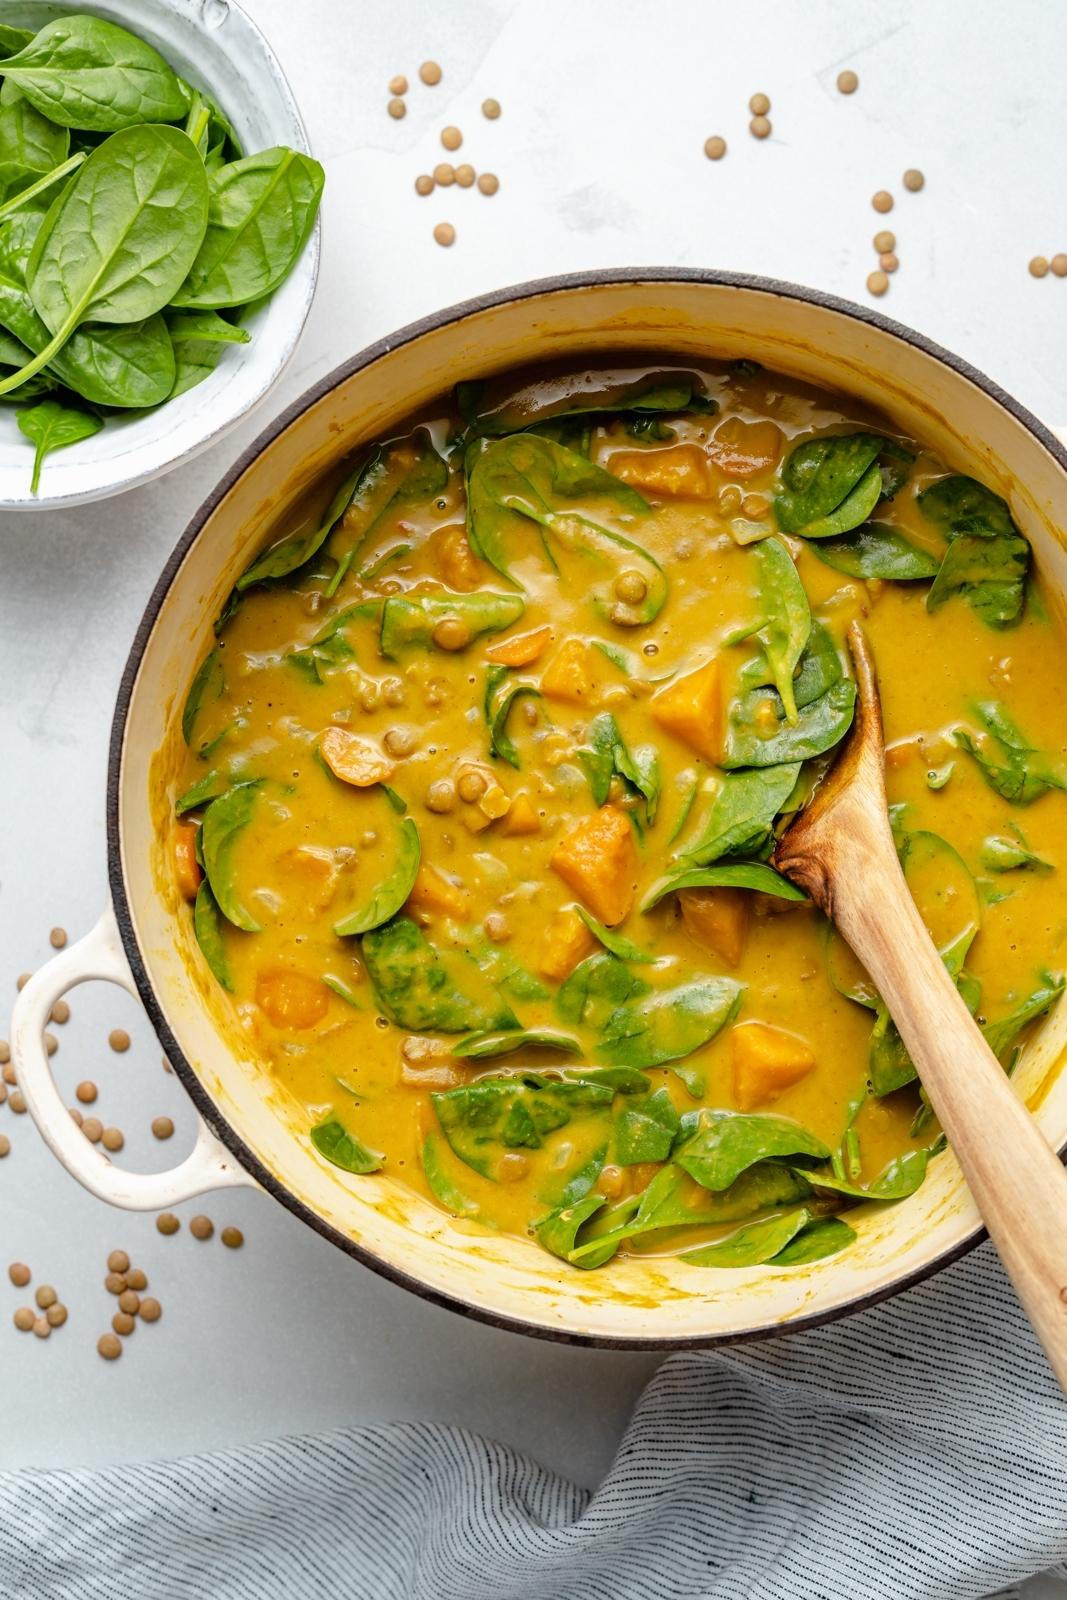 vegane Butternut-Kürbis-Linsensuppe im Topf mit Spinat